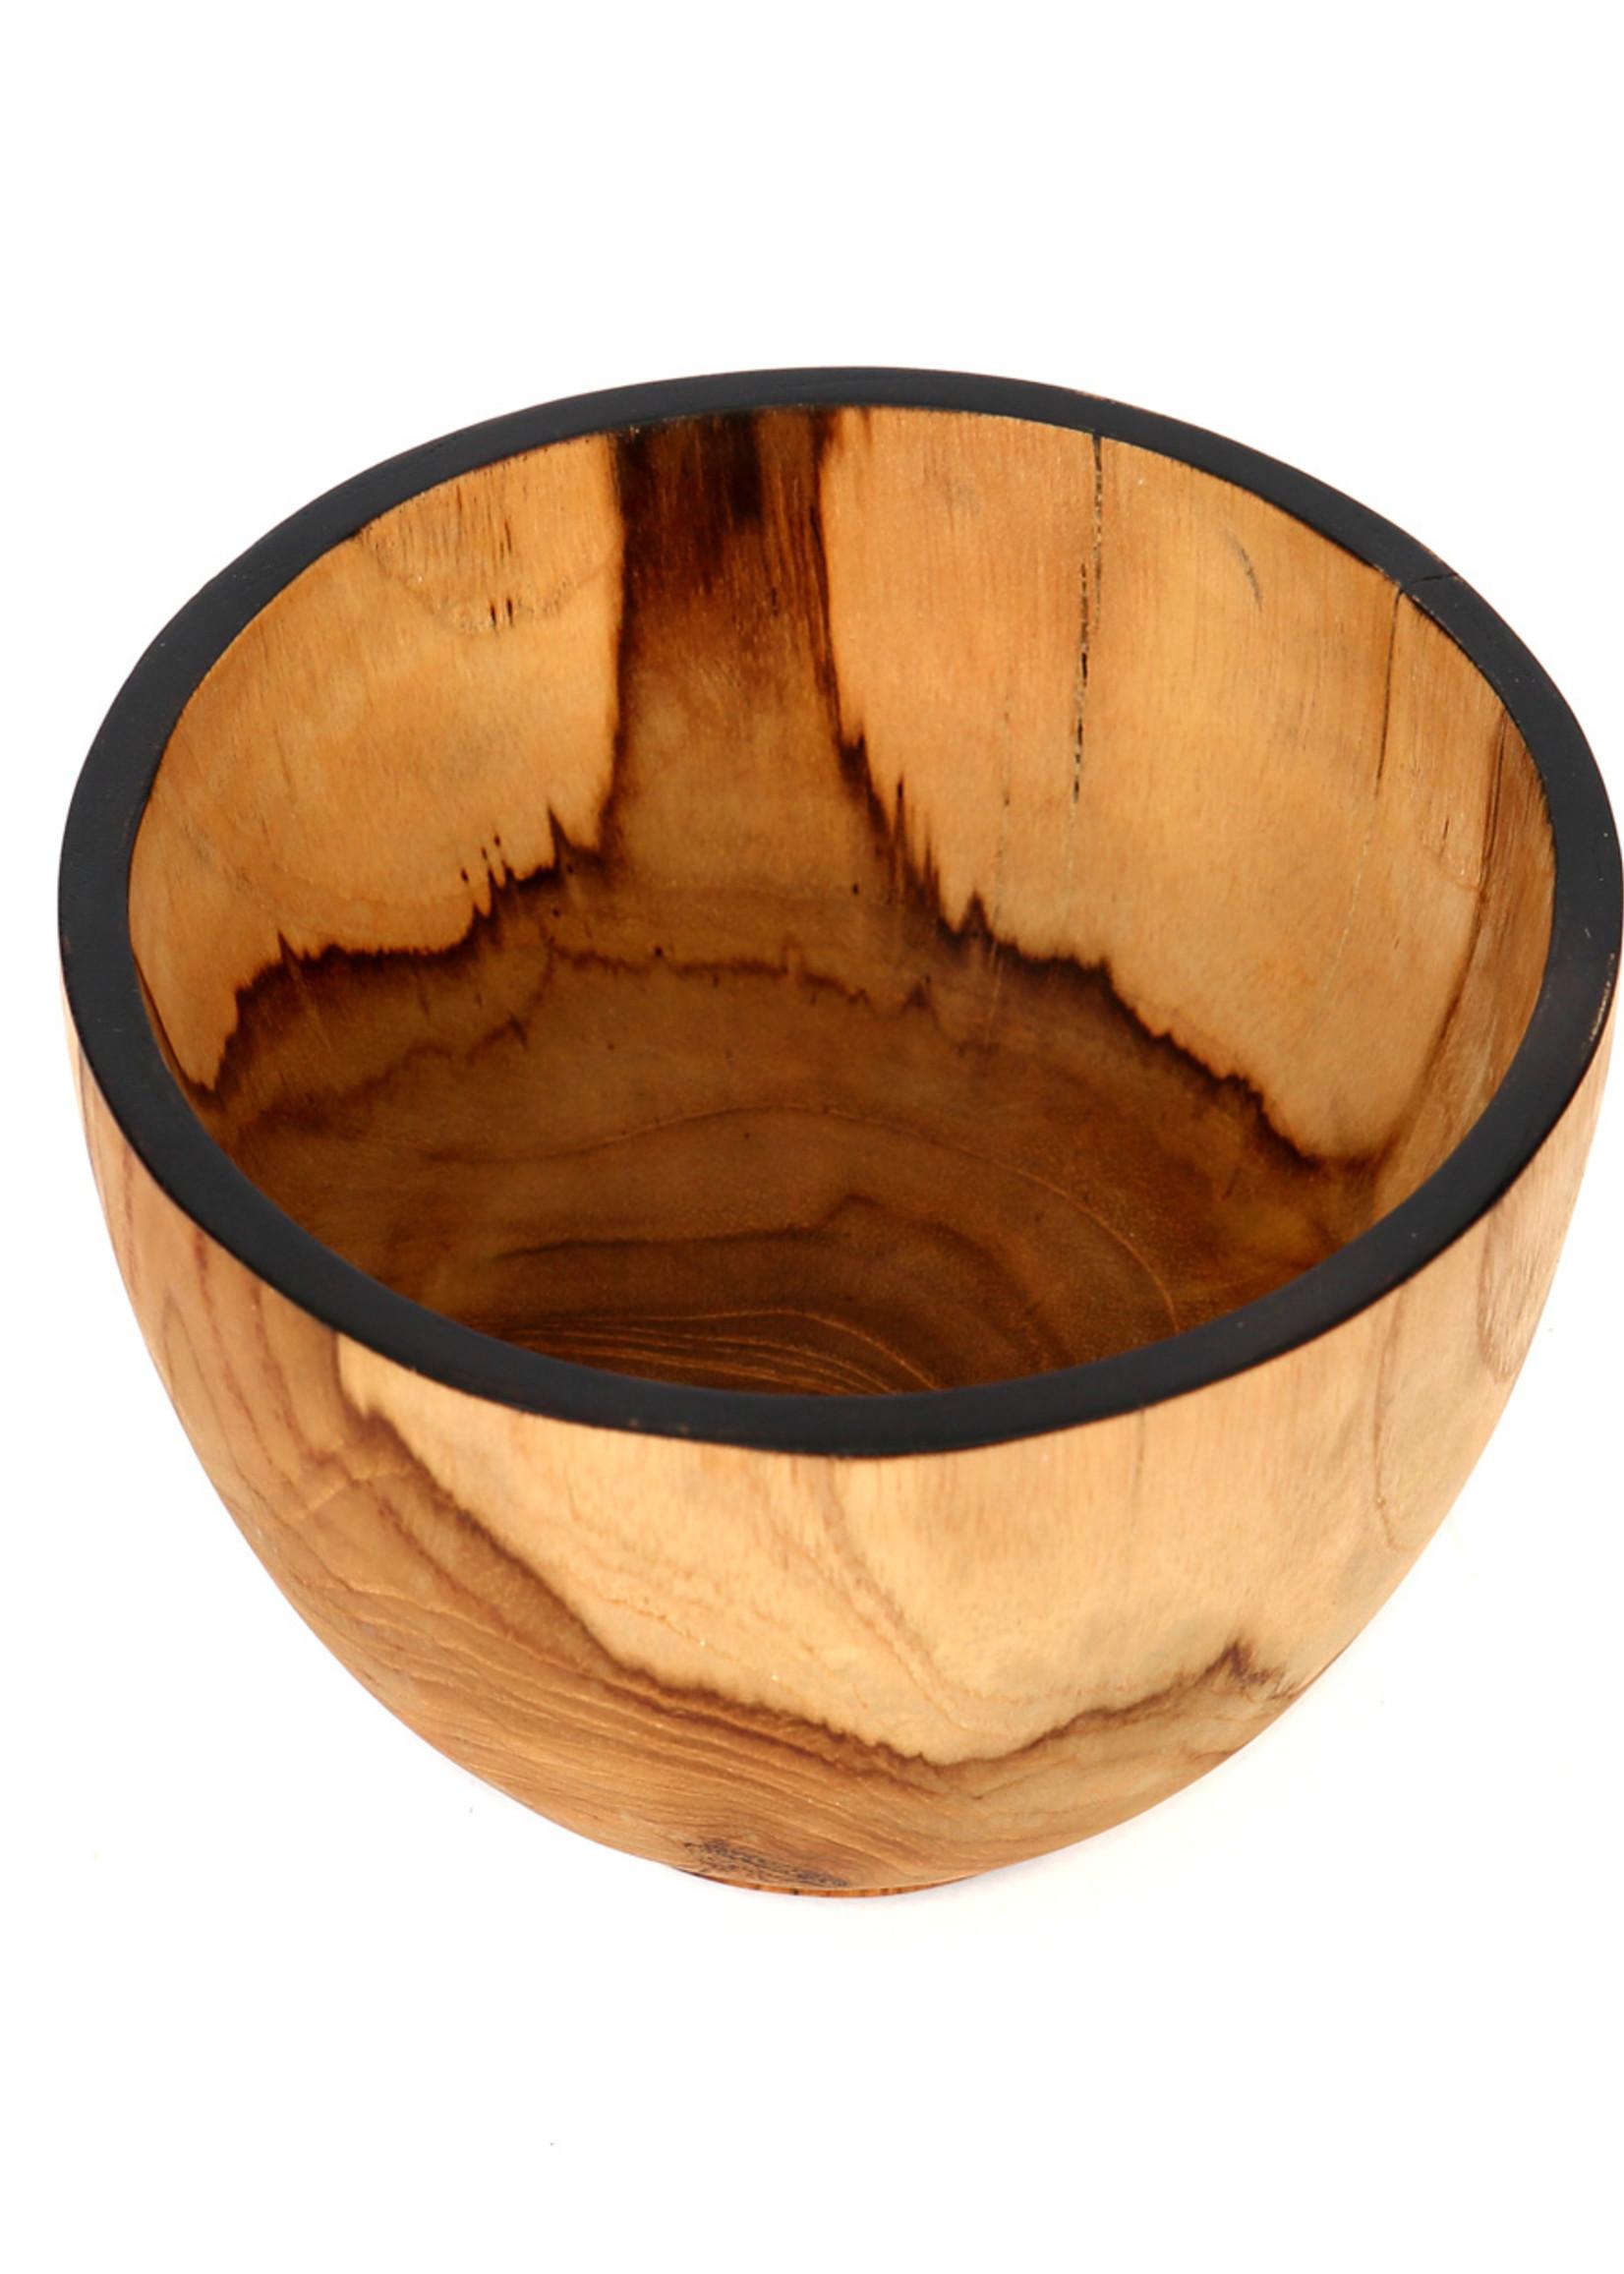 The Bondi Candy Bowl